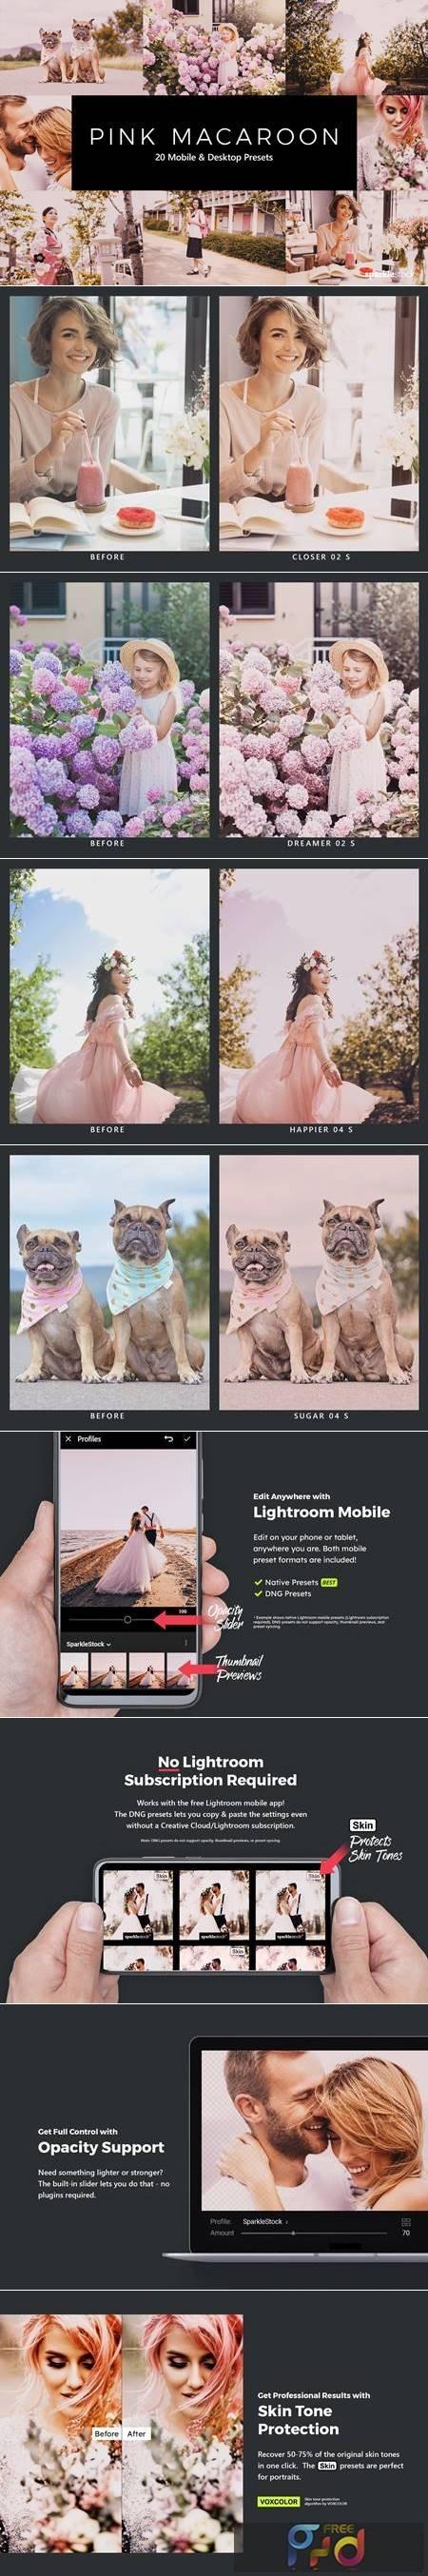 20 Pink Macaroon Lightroom Presets & LUTs YMQXPSE 1